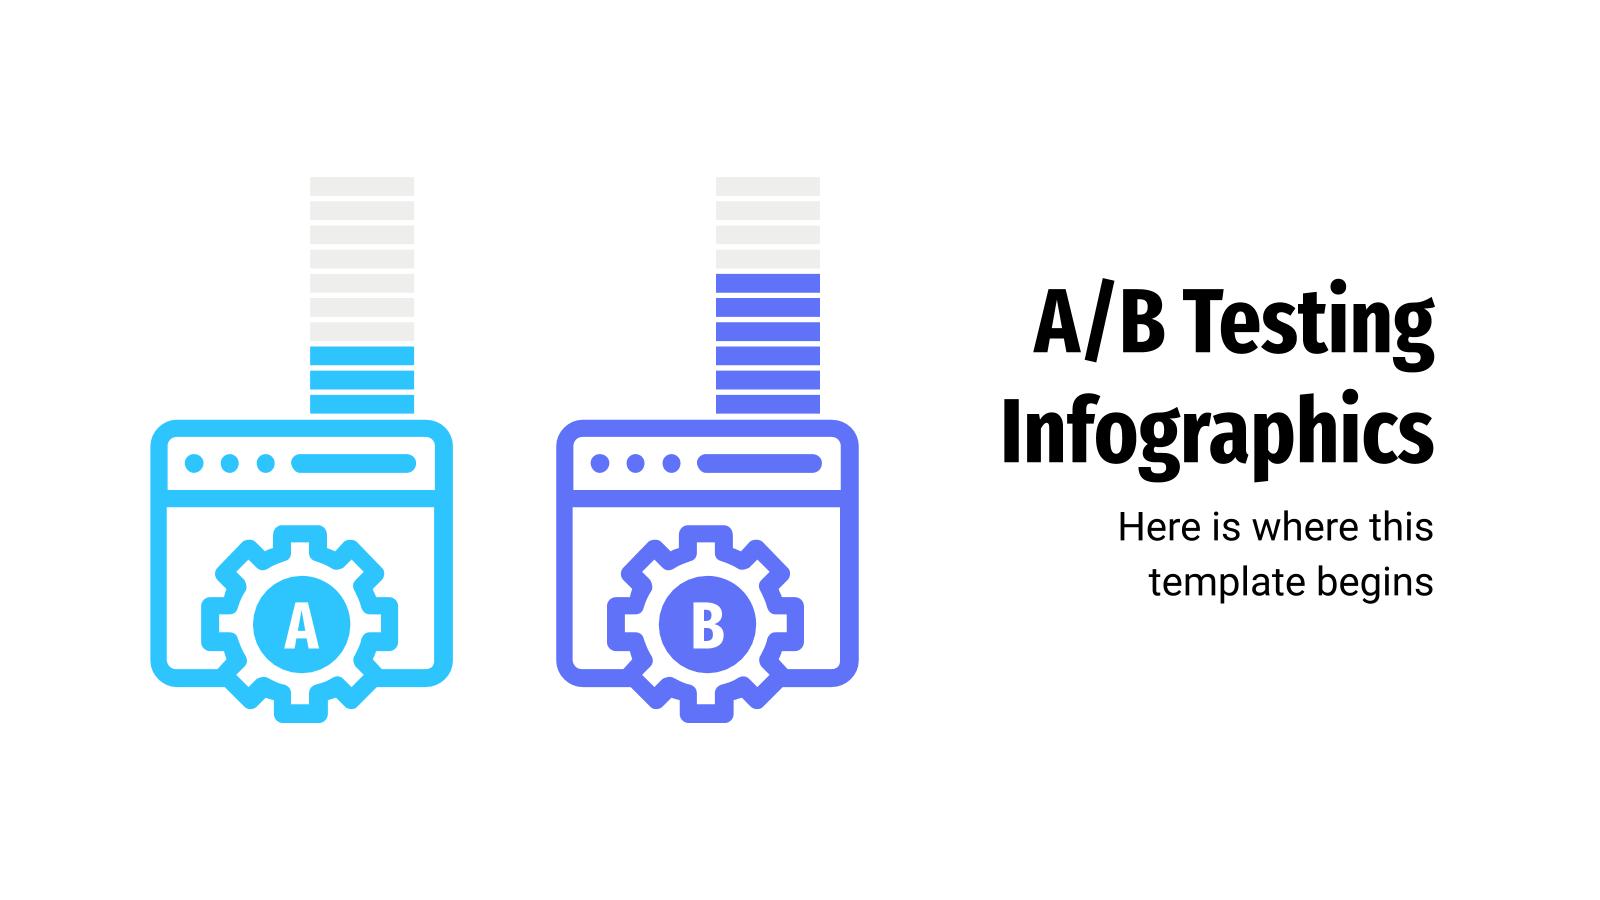 Infographies de test A/B : Modèles de présentation